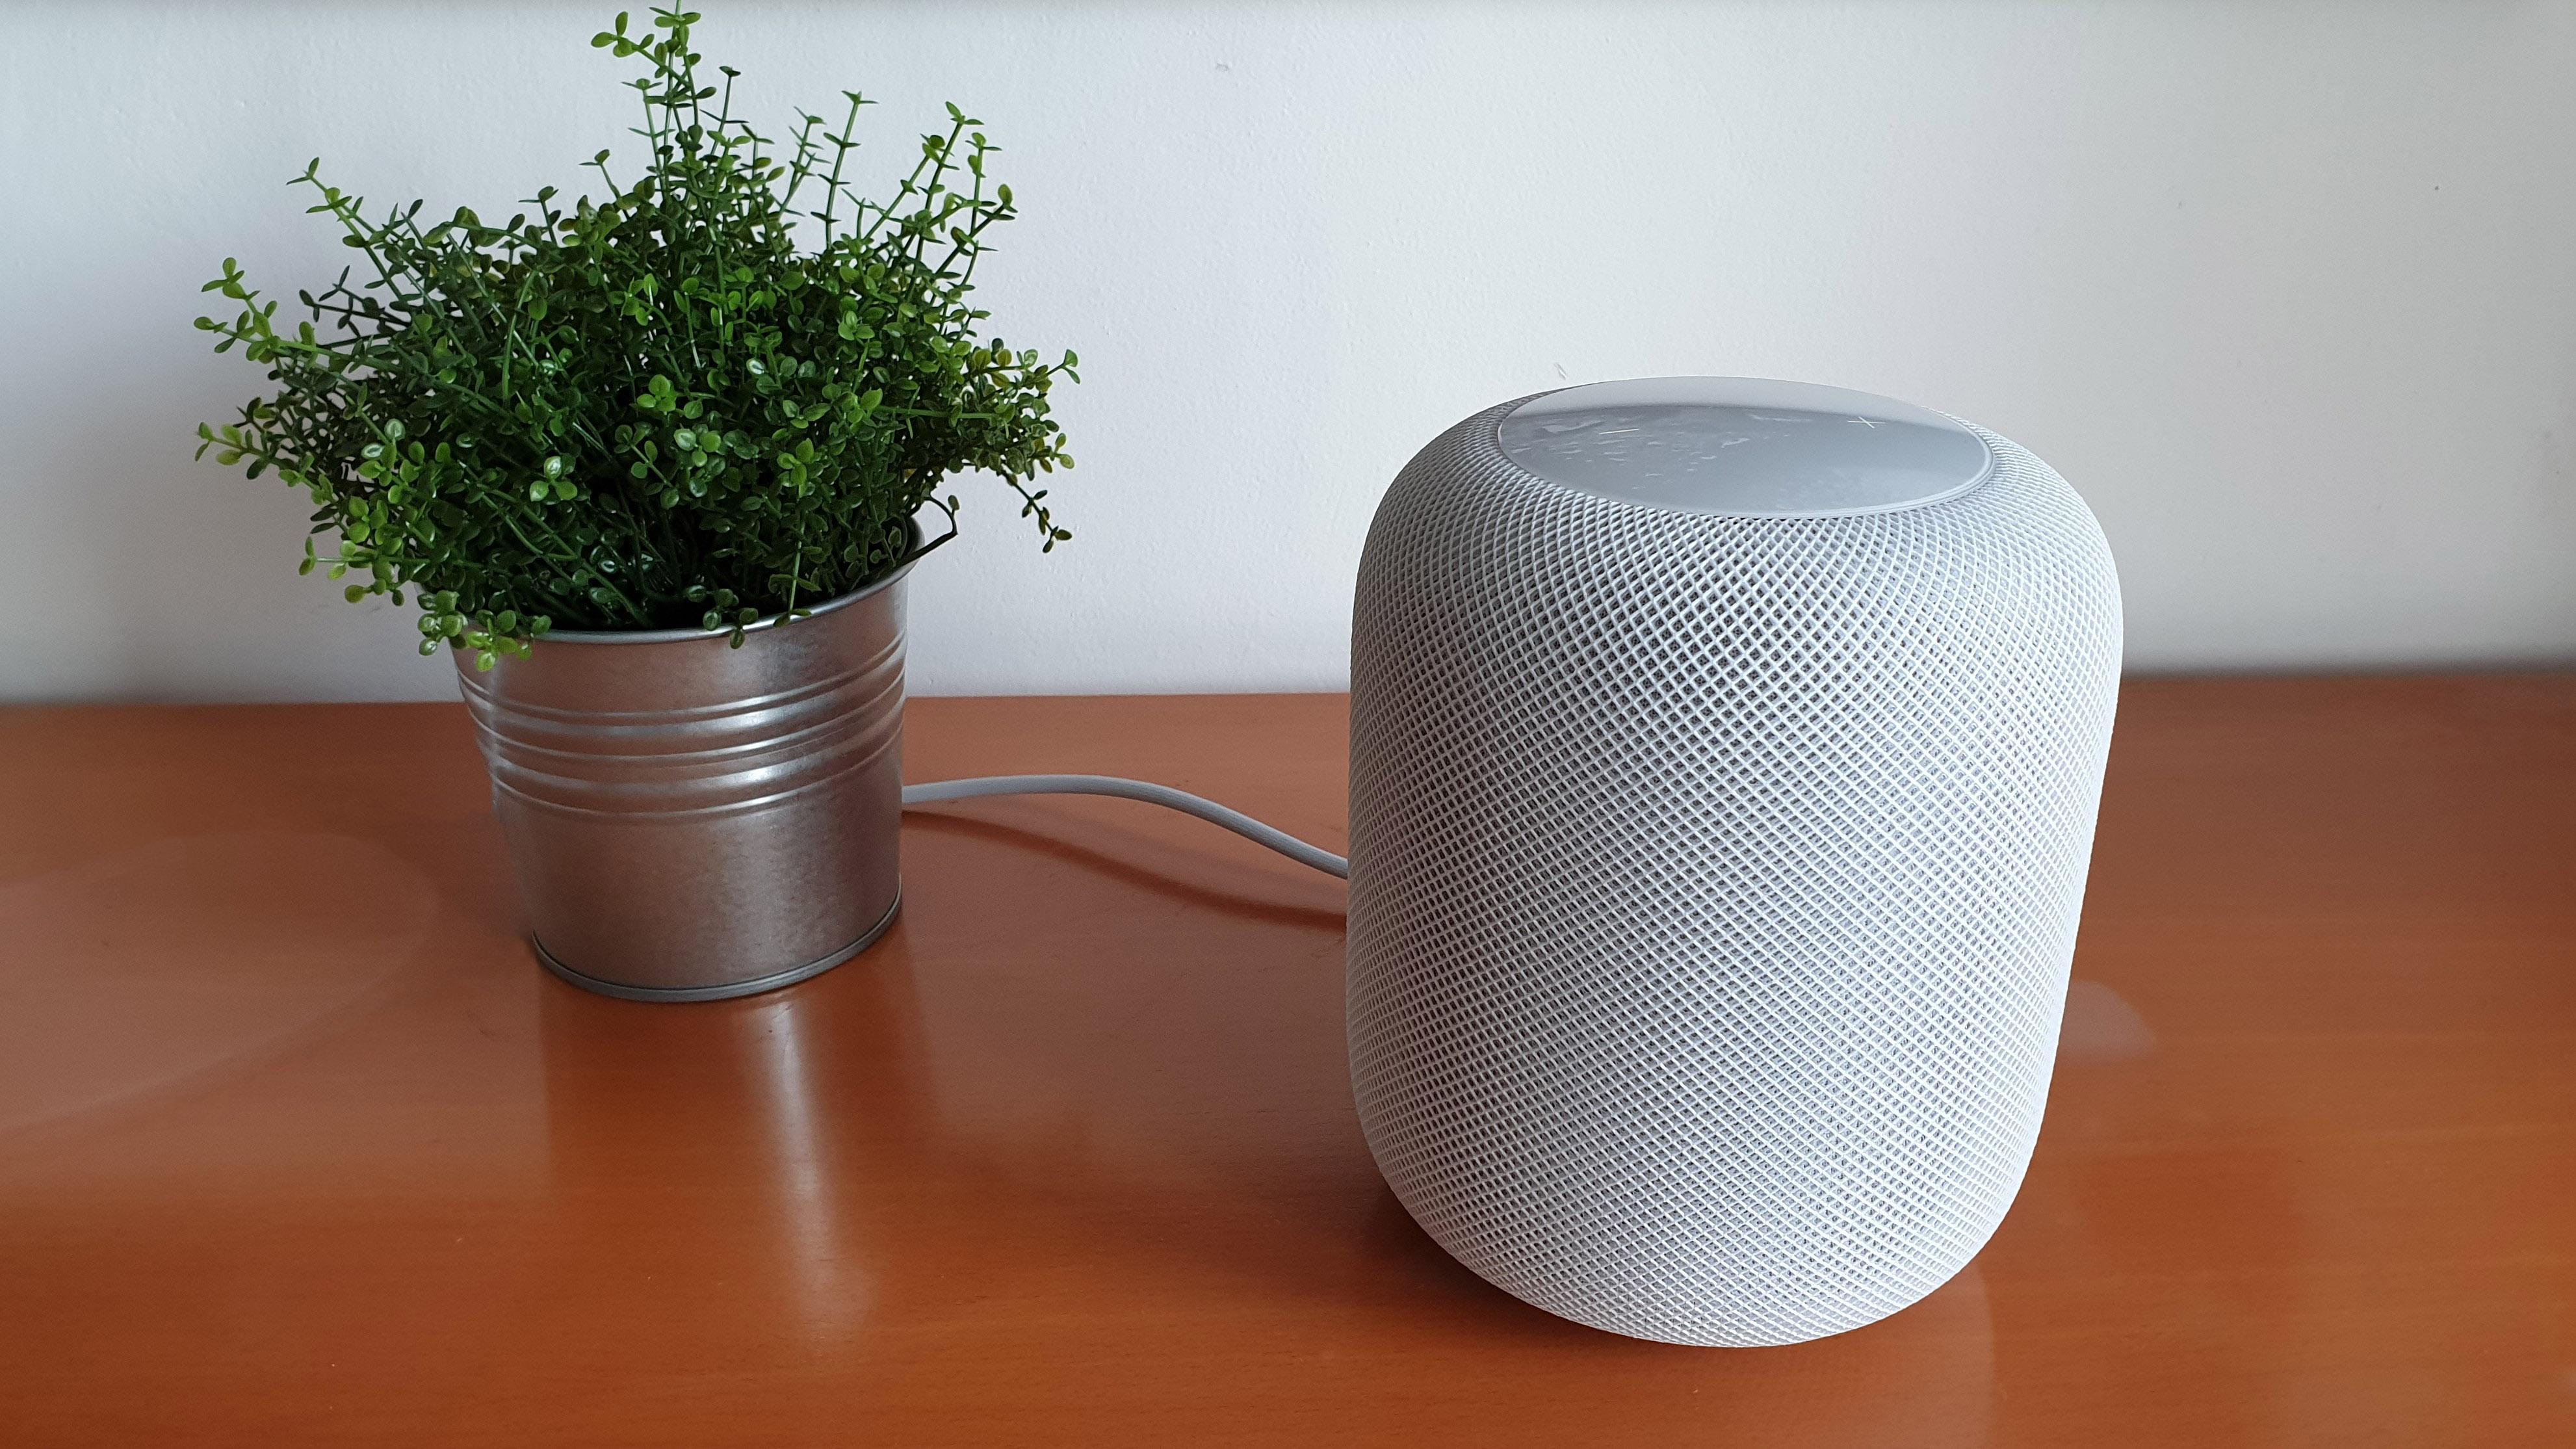 Apple HomePod – hloupý, nebo chytrý reproduktor? [recenze]